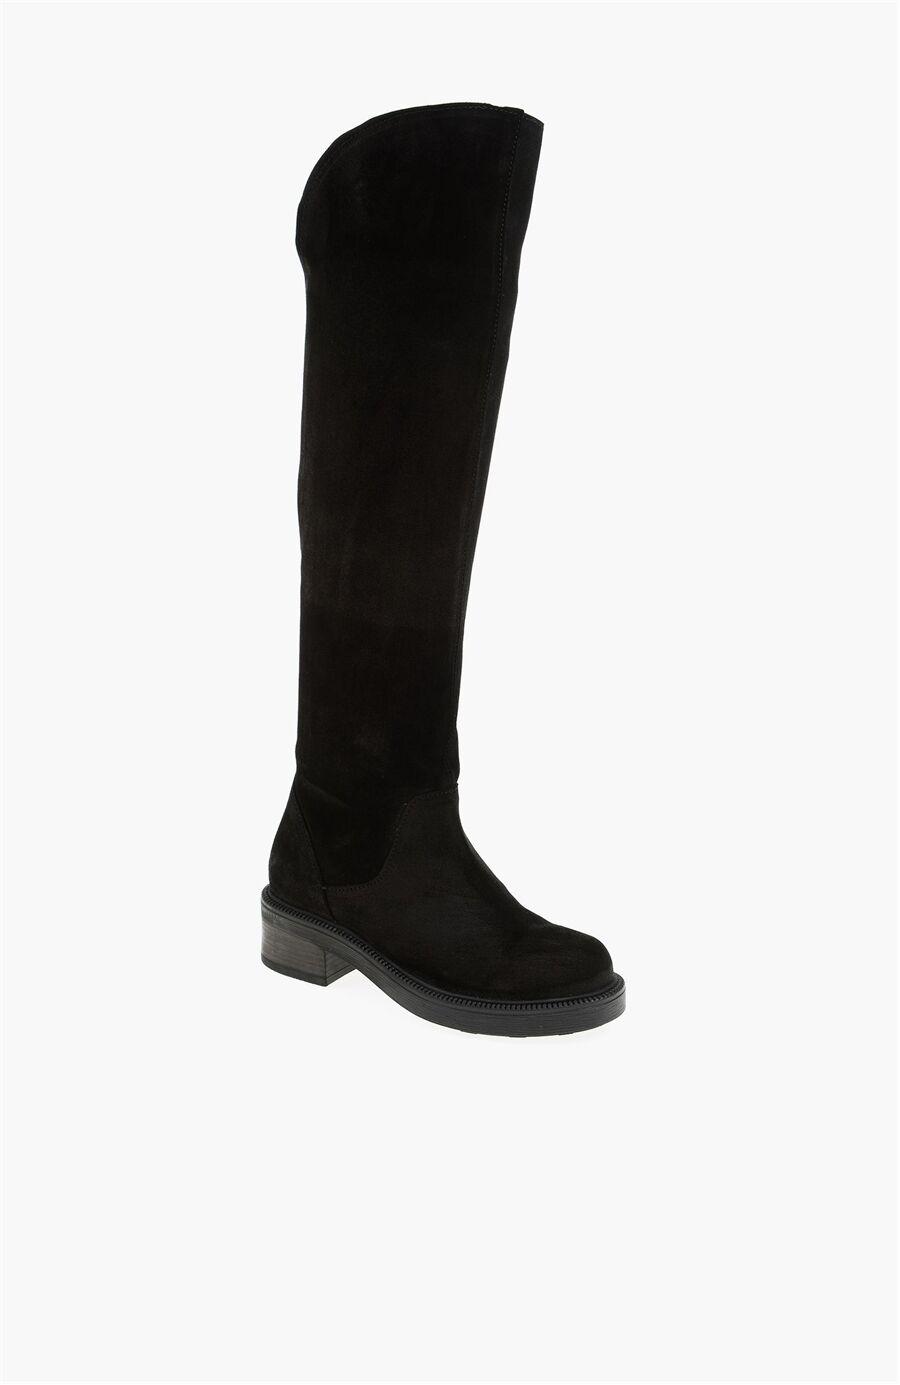 Dıvarese Süet Siyah Çizme – 275.0 TL